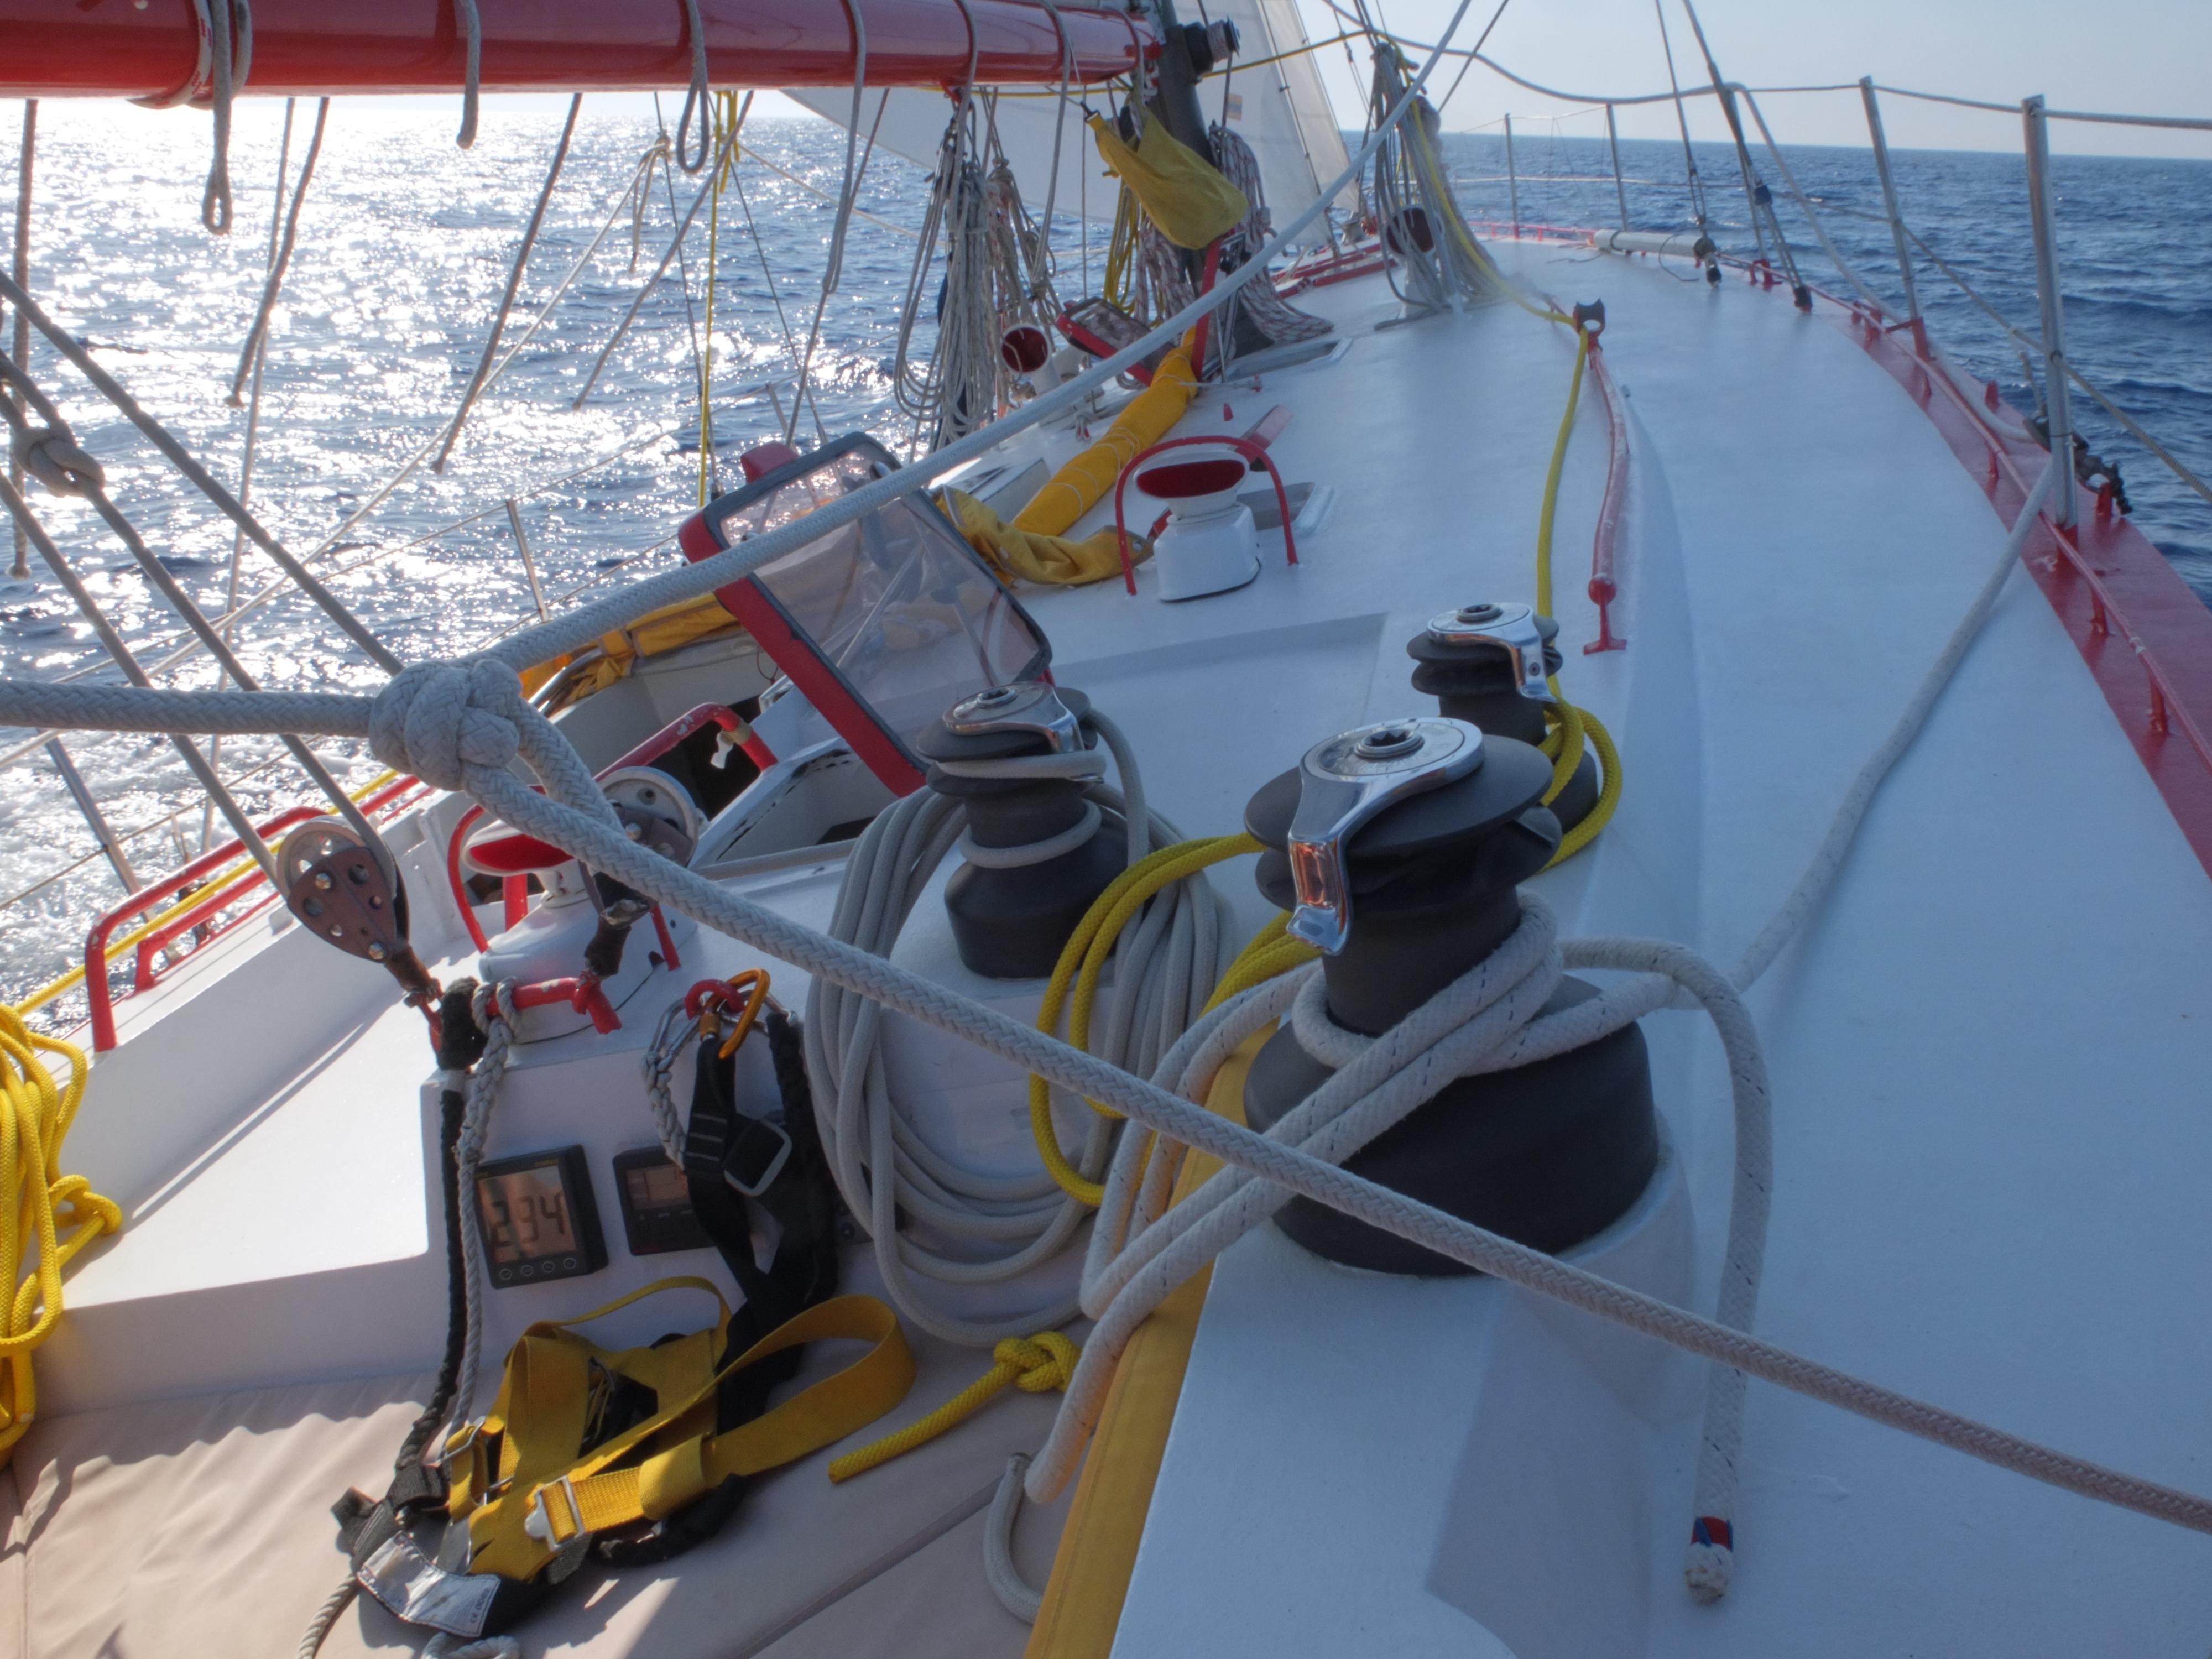 Scuola di Vela e Coaching nautico